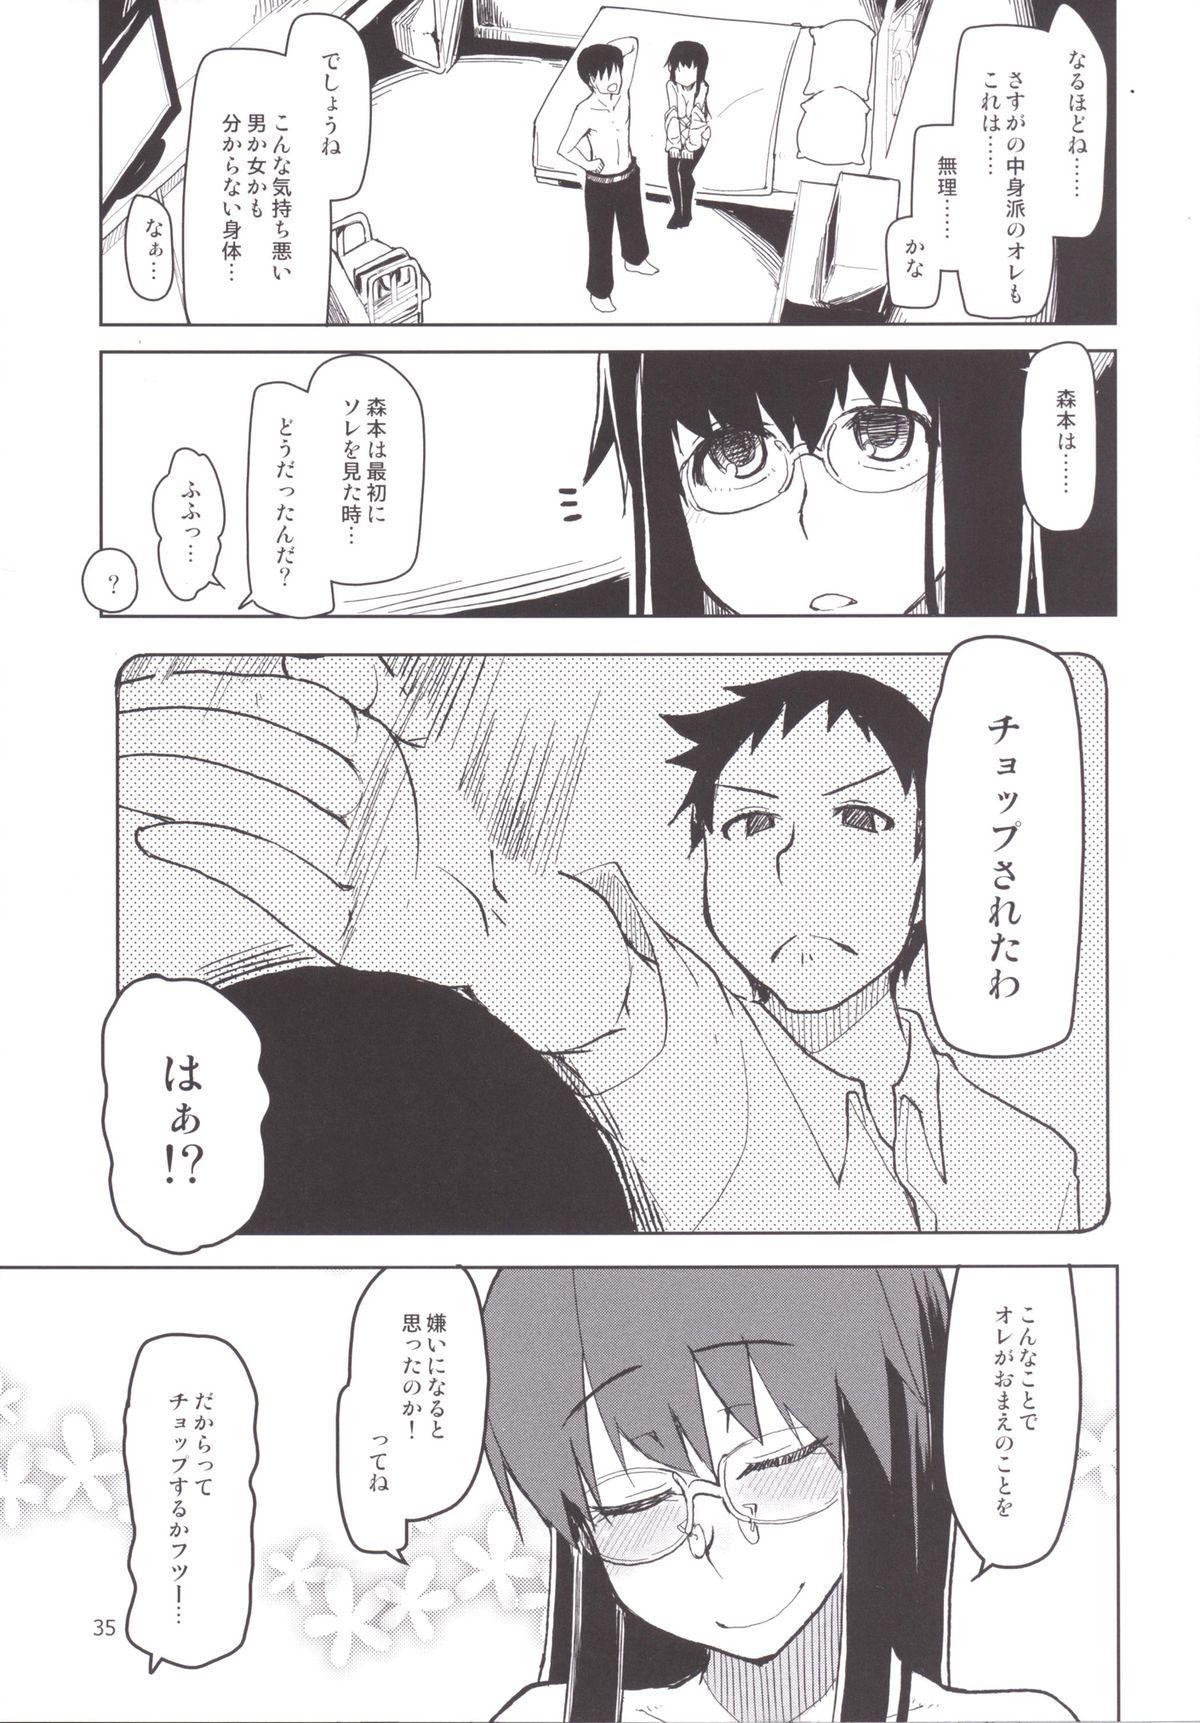 Natsuzuka-san no Himitsu. Soushuuhen Kouhen 47